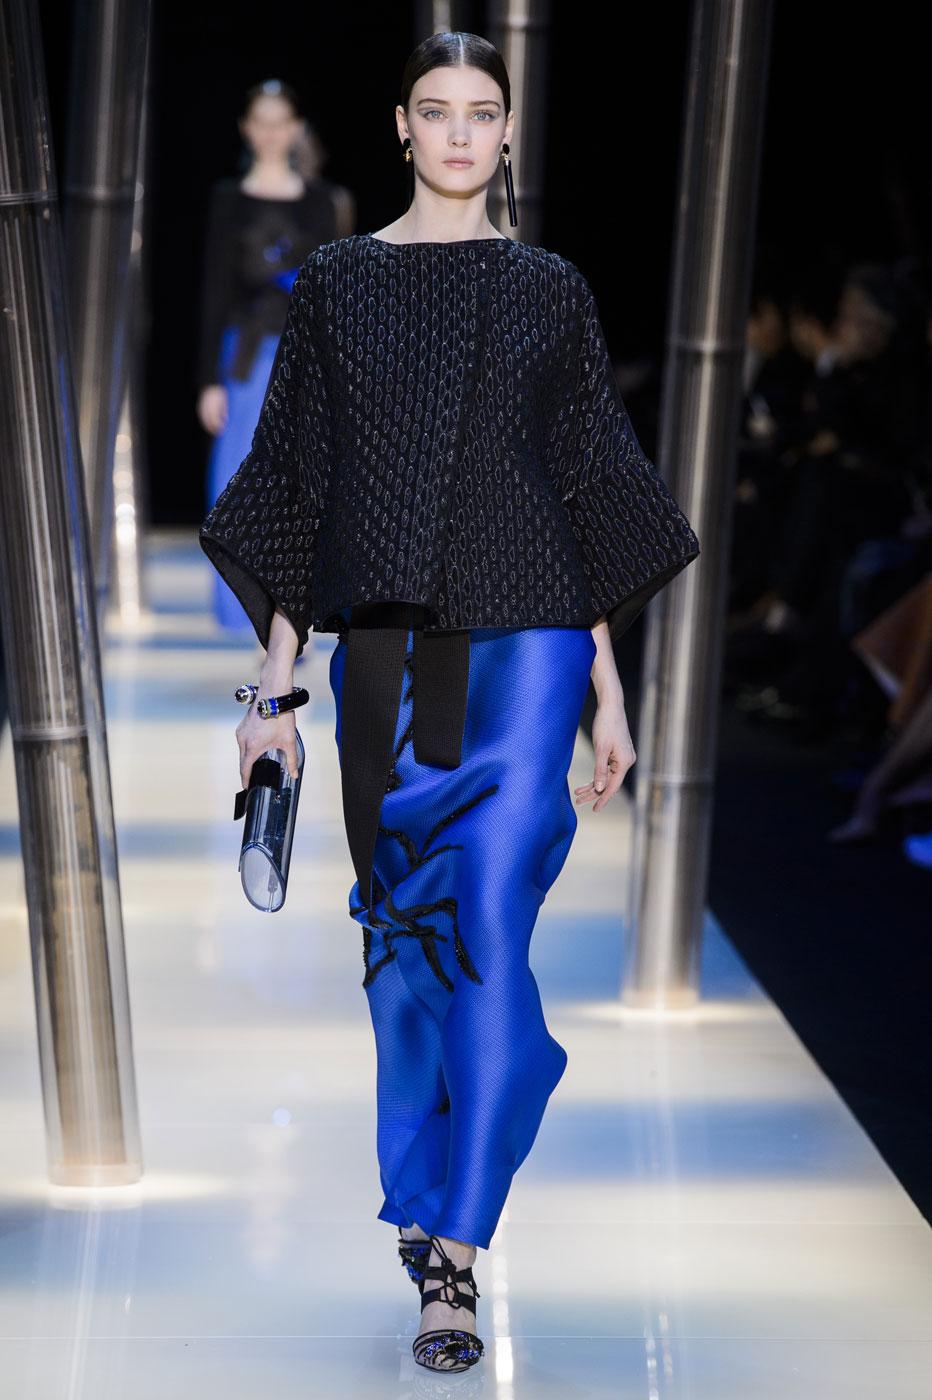 Giorgio-armani-Prive-fashion-runway-show-haute-couture-paris-spring-2015-the-impression-129